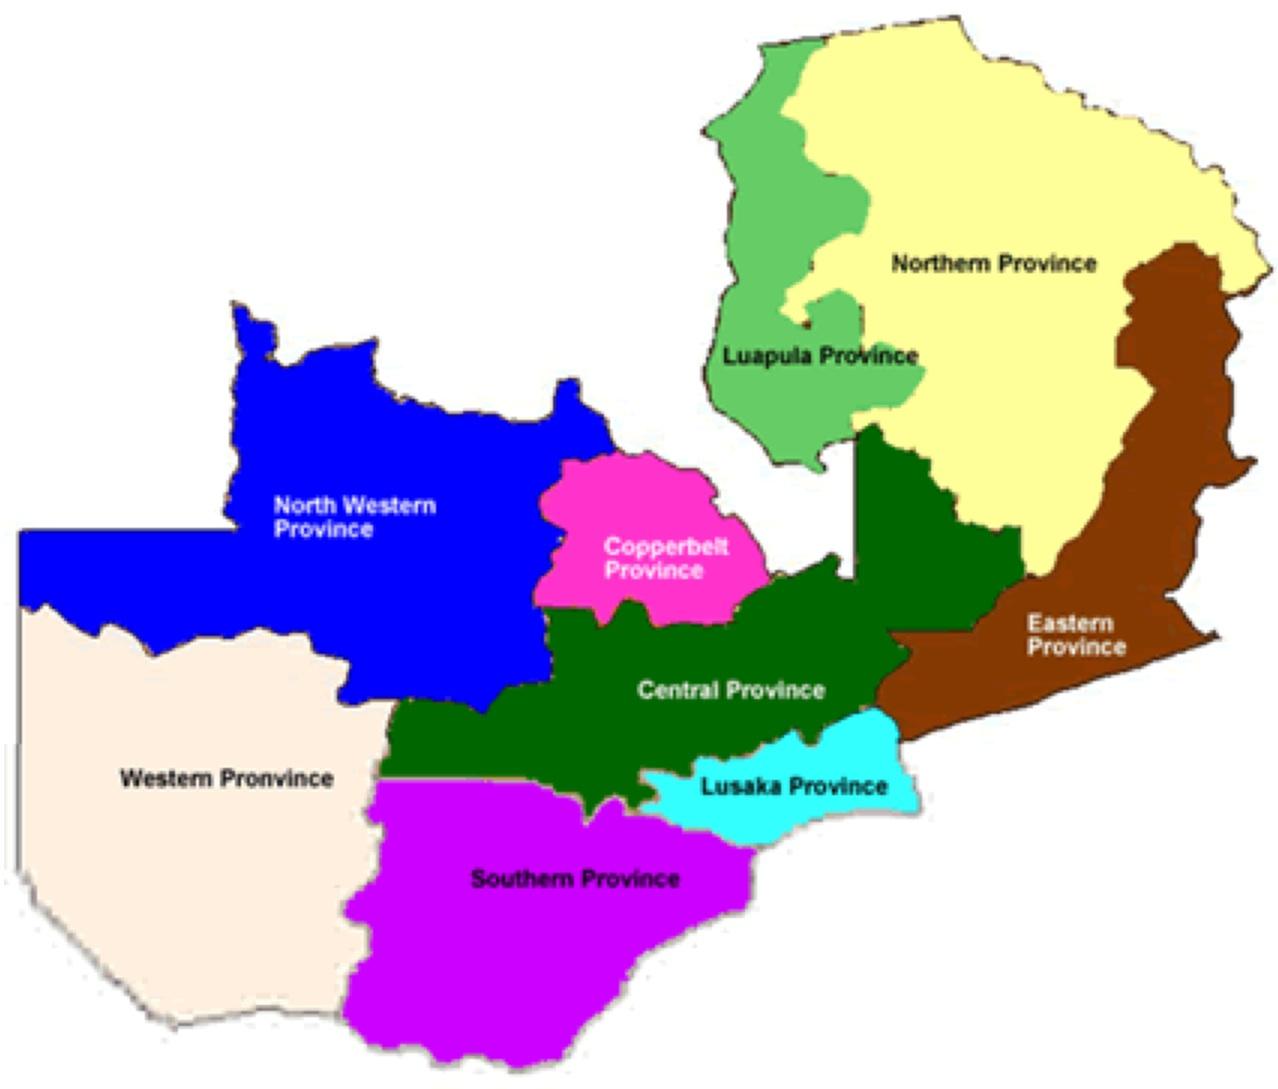 Zambian Economist Zambia Elections Constituency Maps Updated - Zambia map